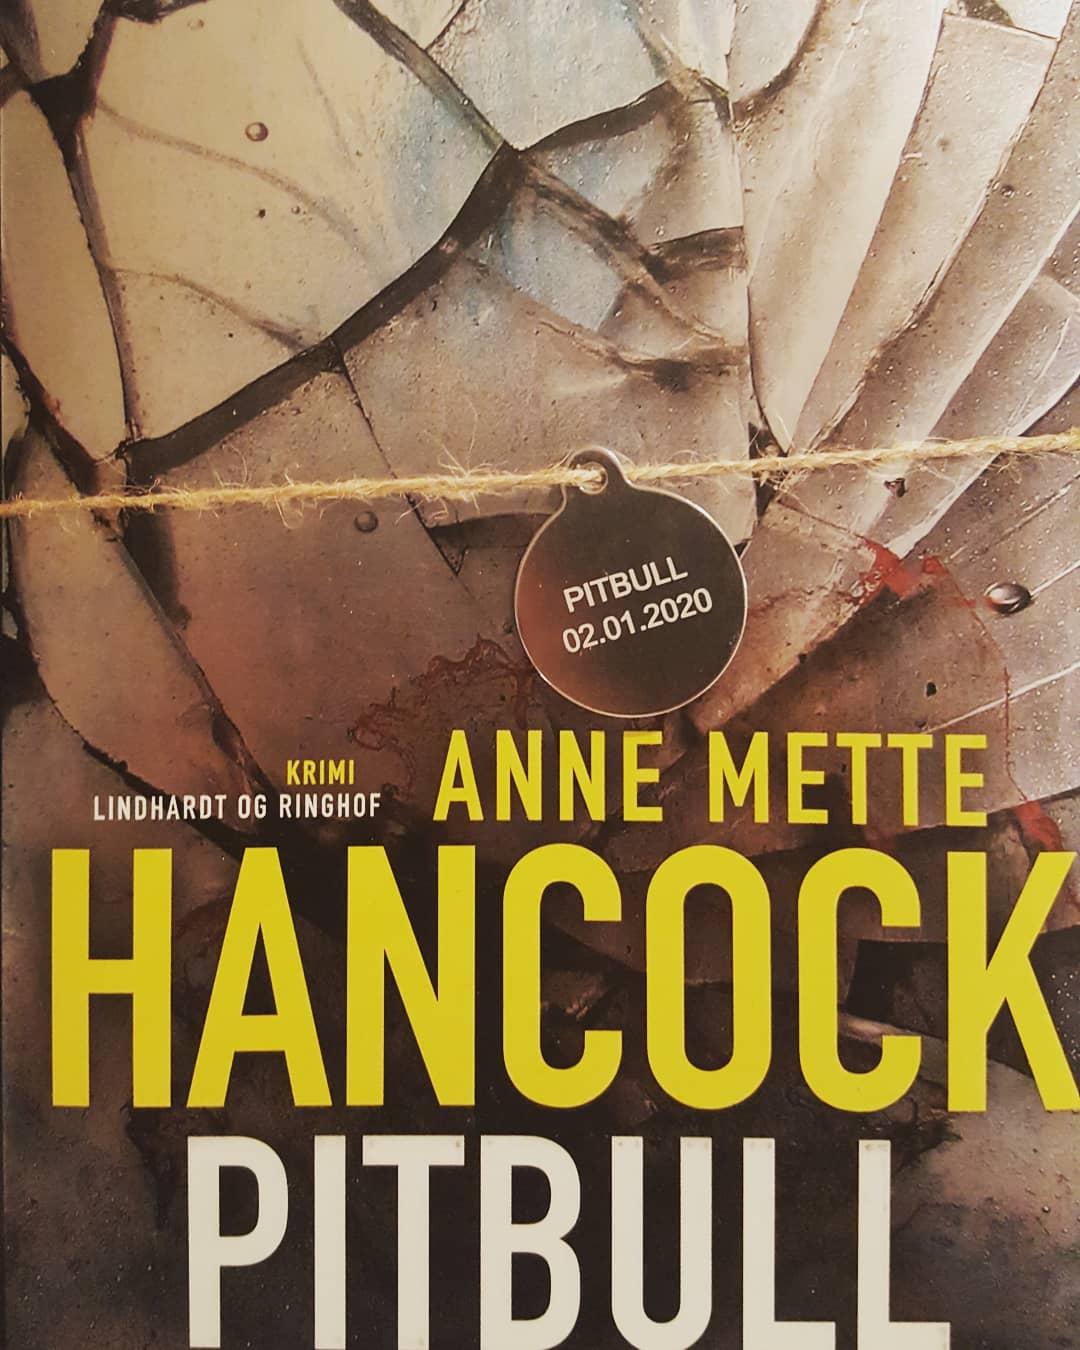 Pitbull af Anne Mette Hancock